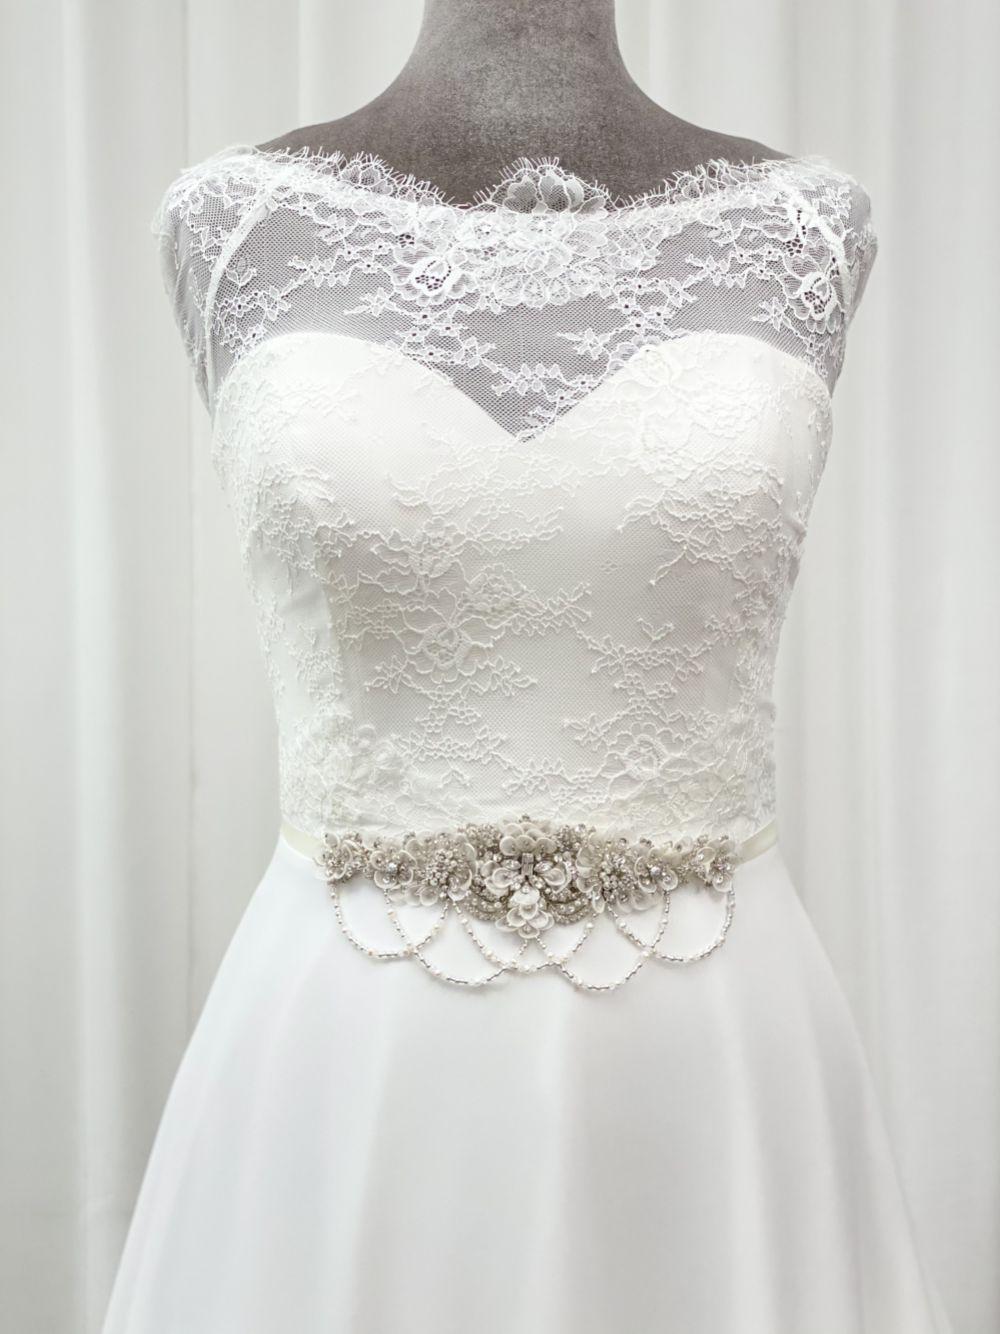 Darlington Embellished Floral Bridal Belt with Beaded Drapes